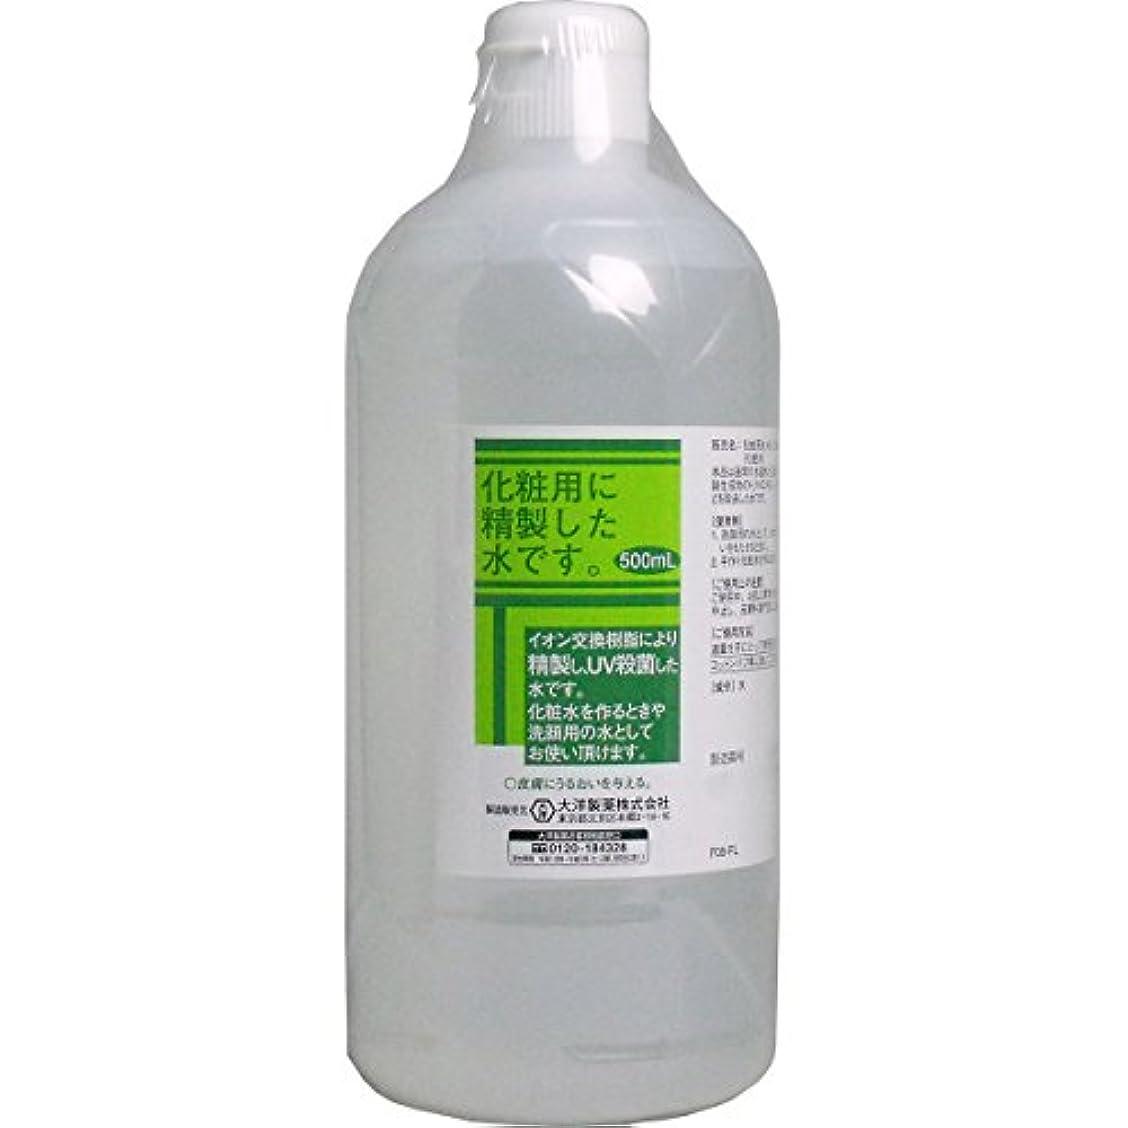 コーラス委任する城化粧用 精製水 HG 500ml (500ml×5本)